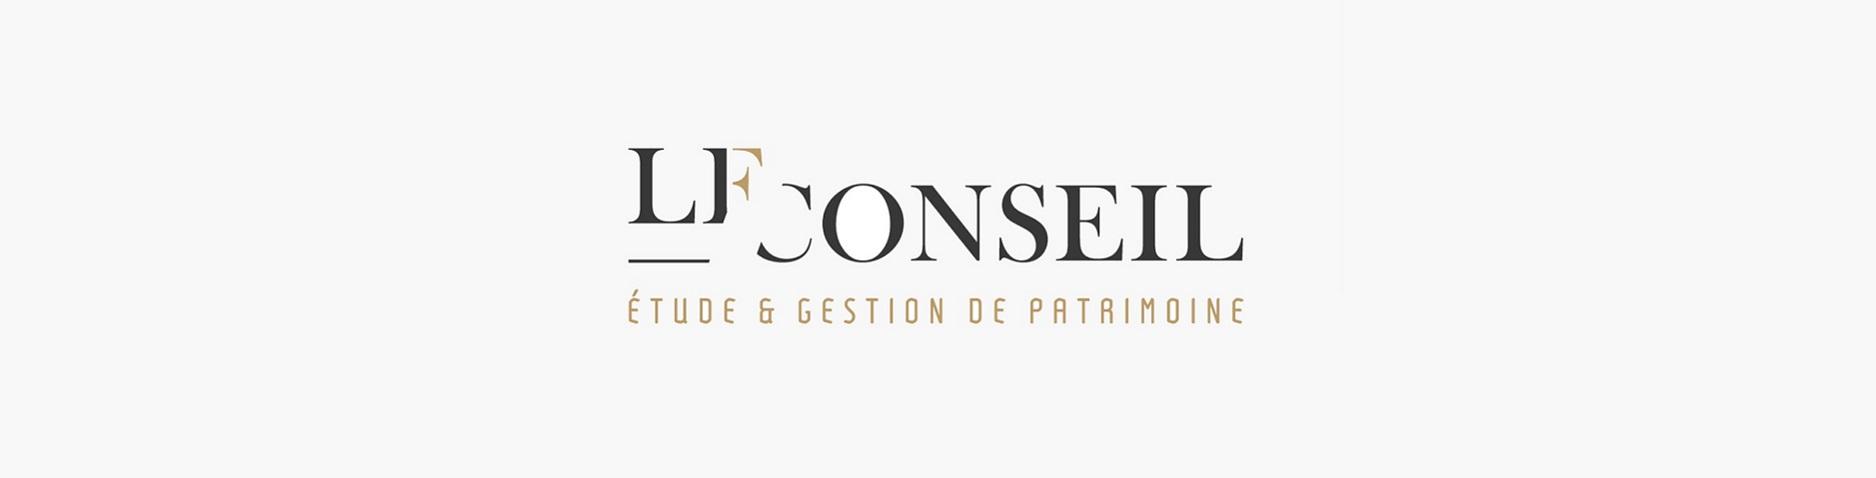 Création du logo LF Conseil, expert en gestion de patrimoine